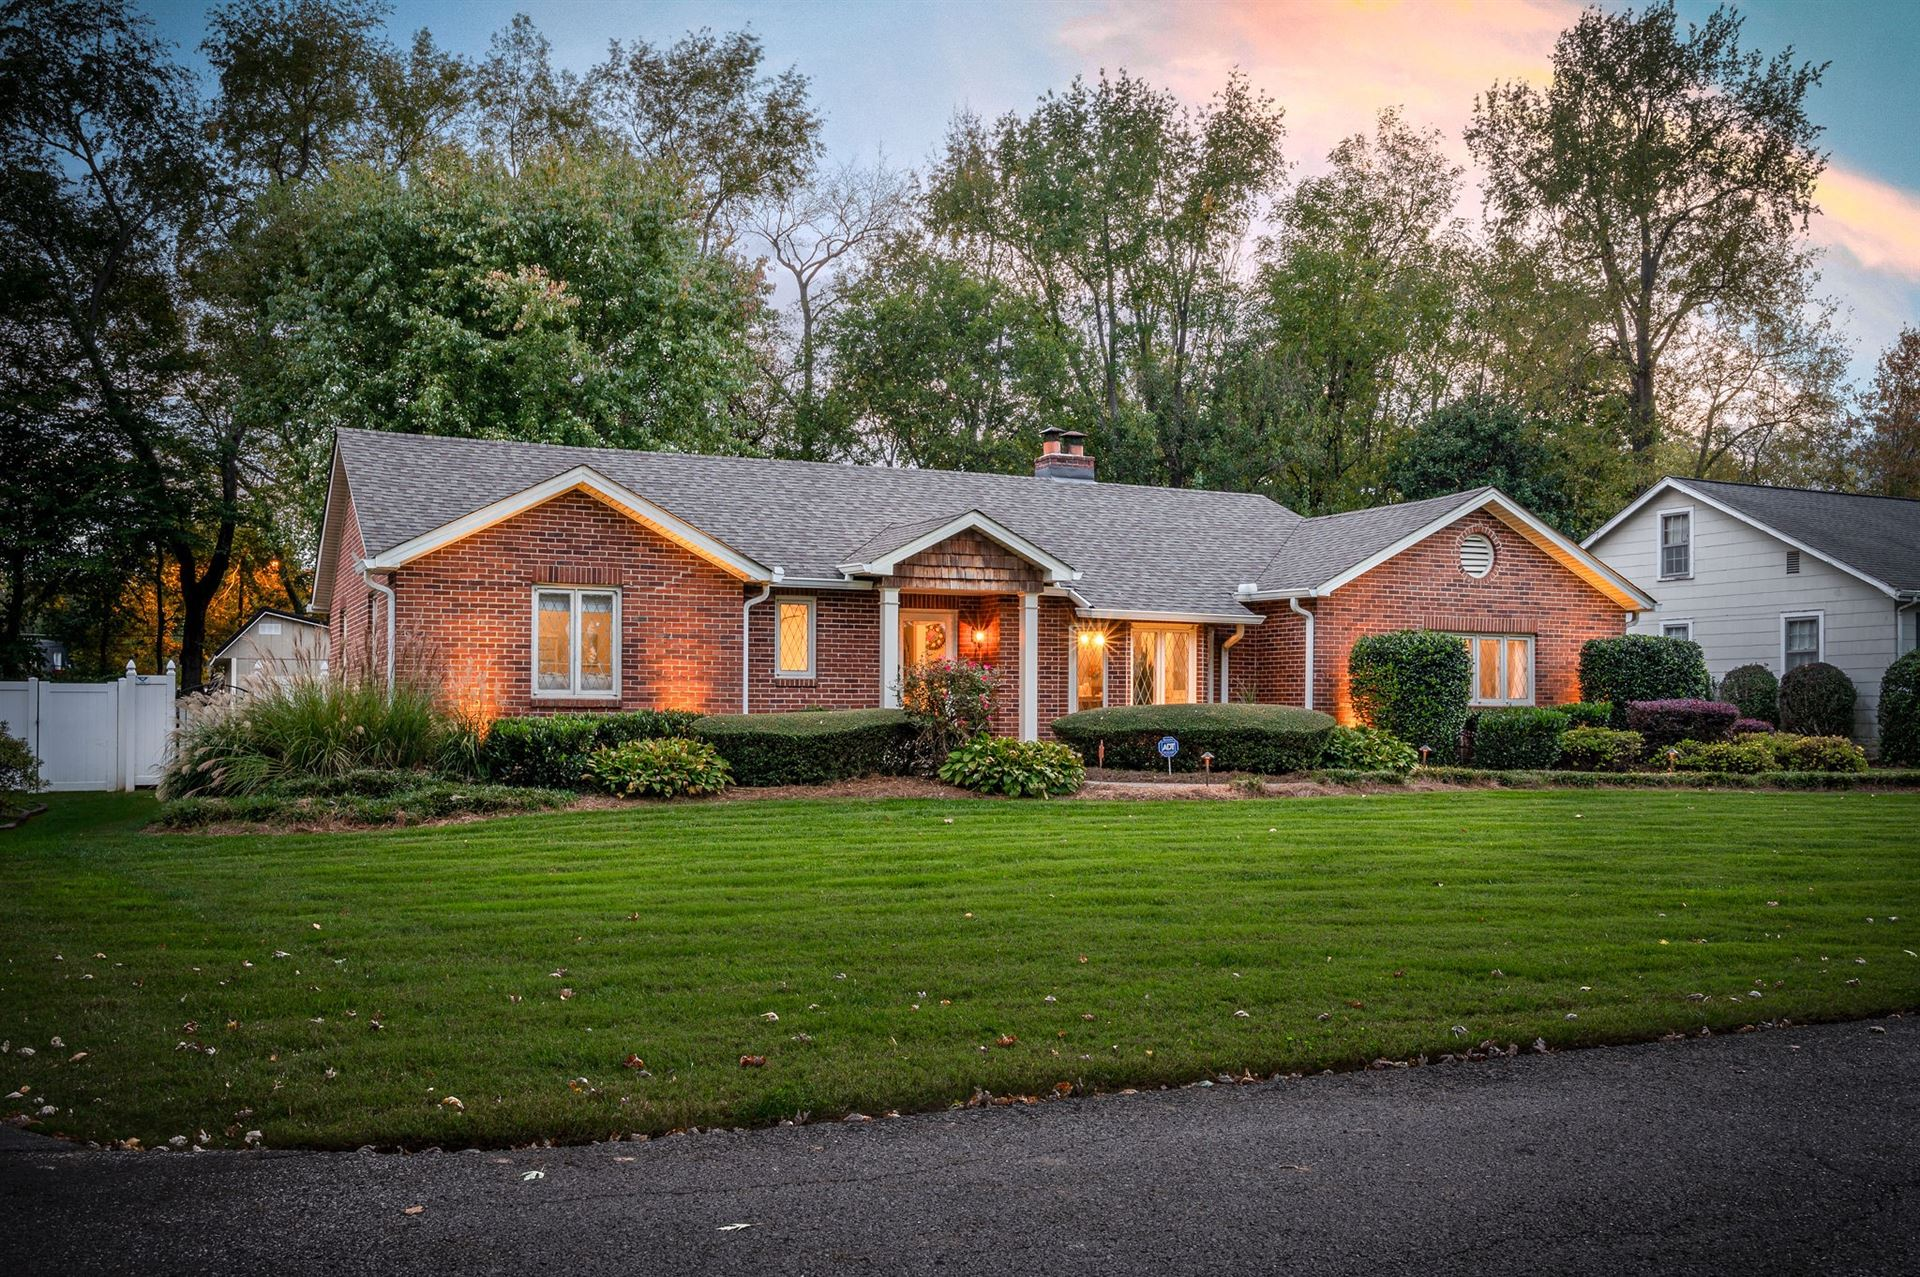 1316 Richland Pl, Murfreesboro, TN 37130 - MLS#: 2200507